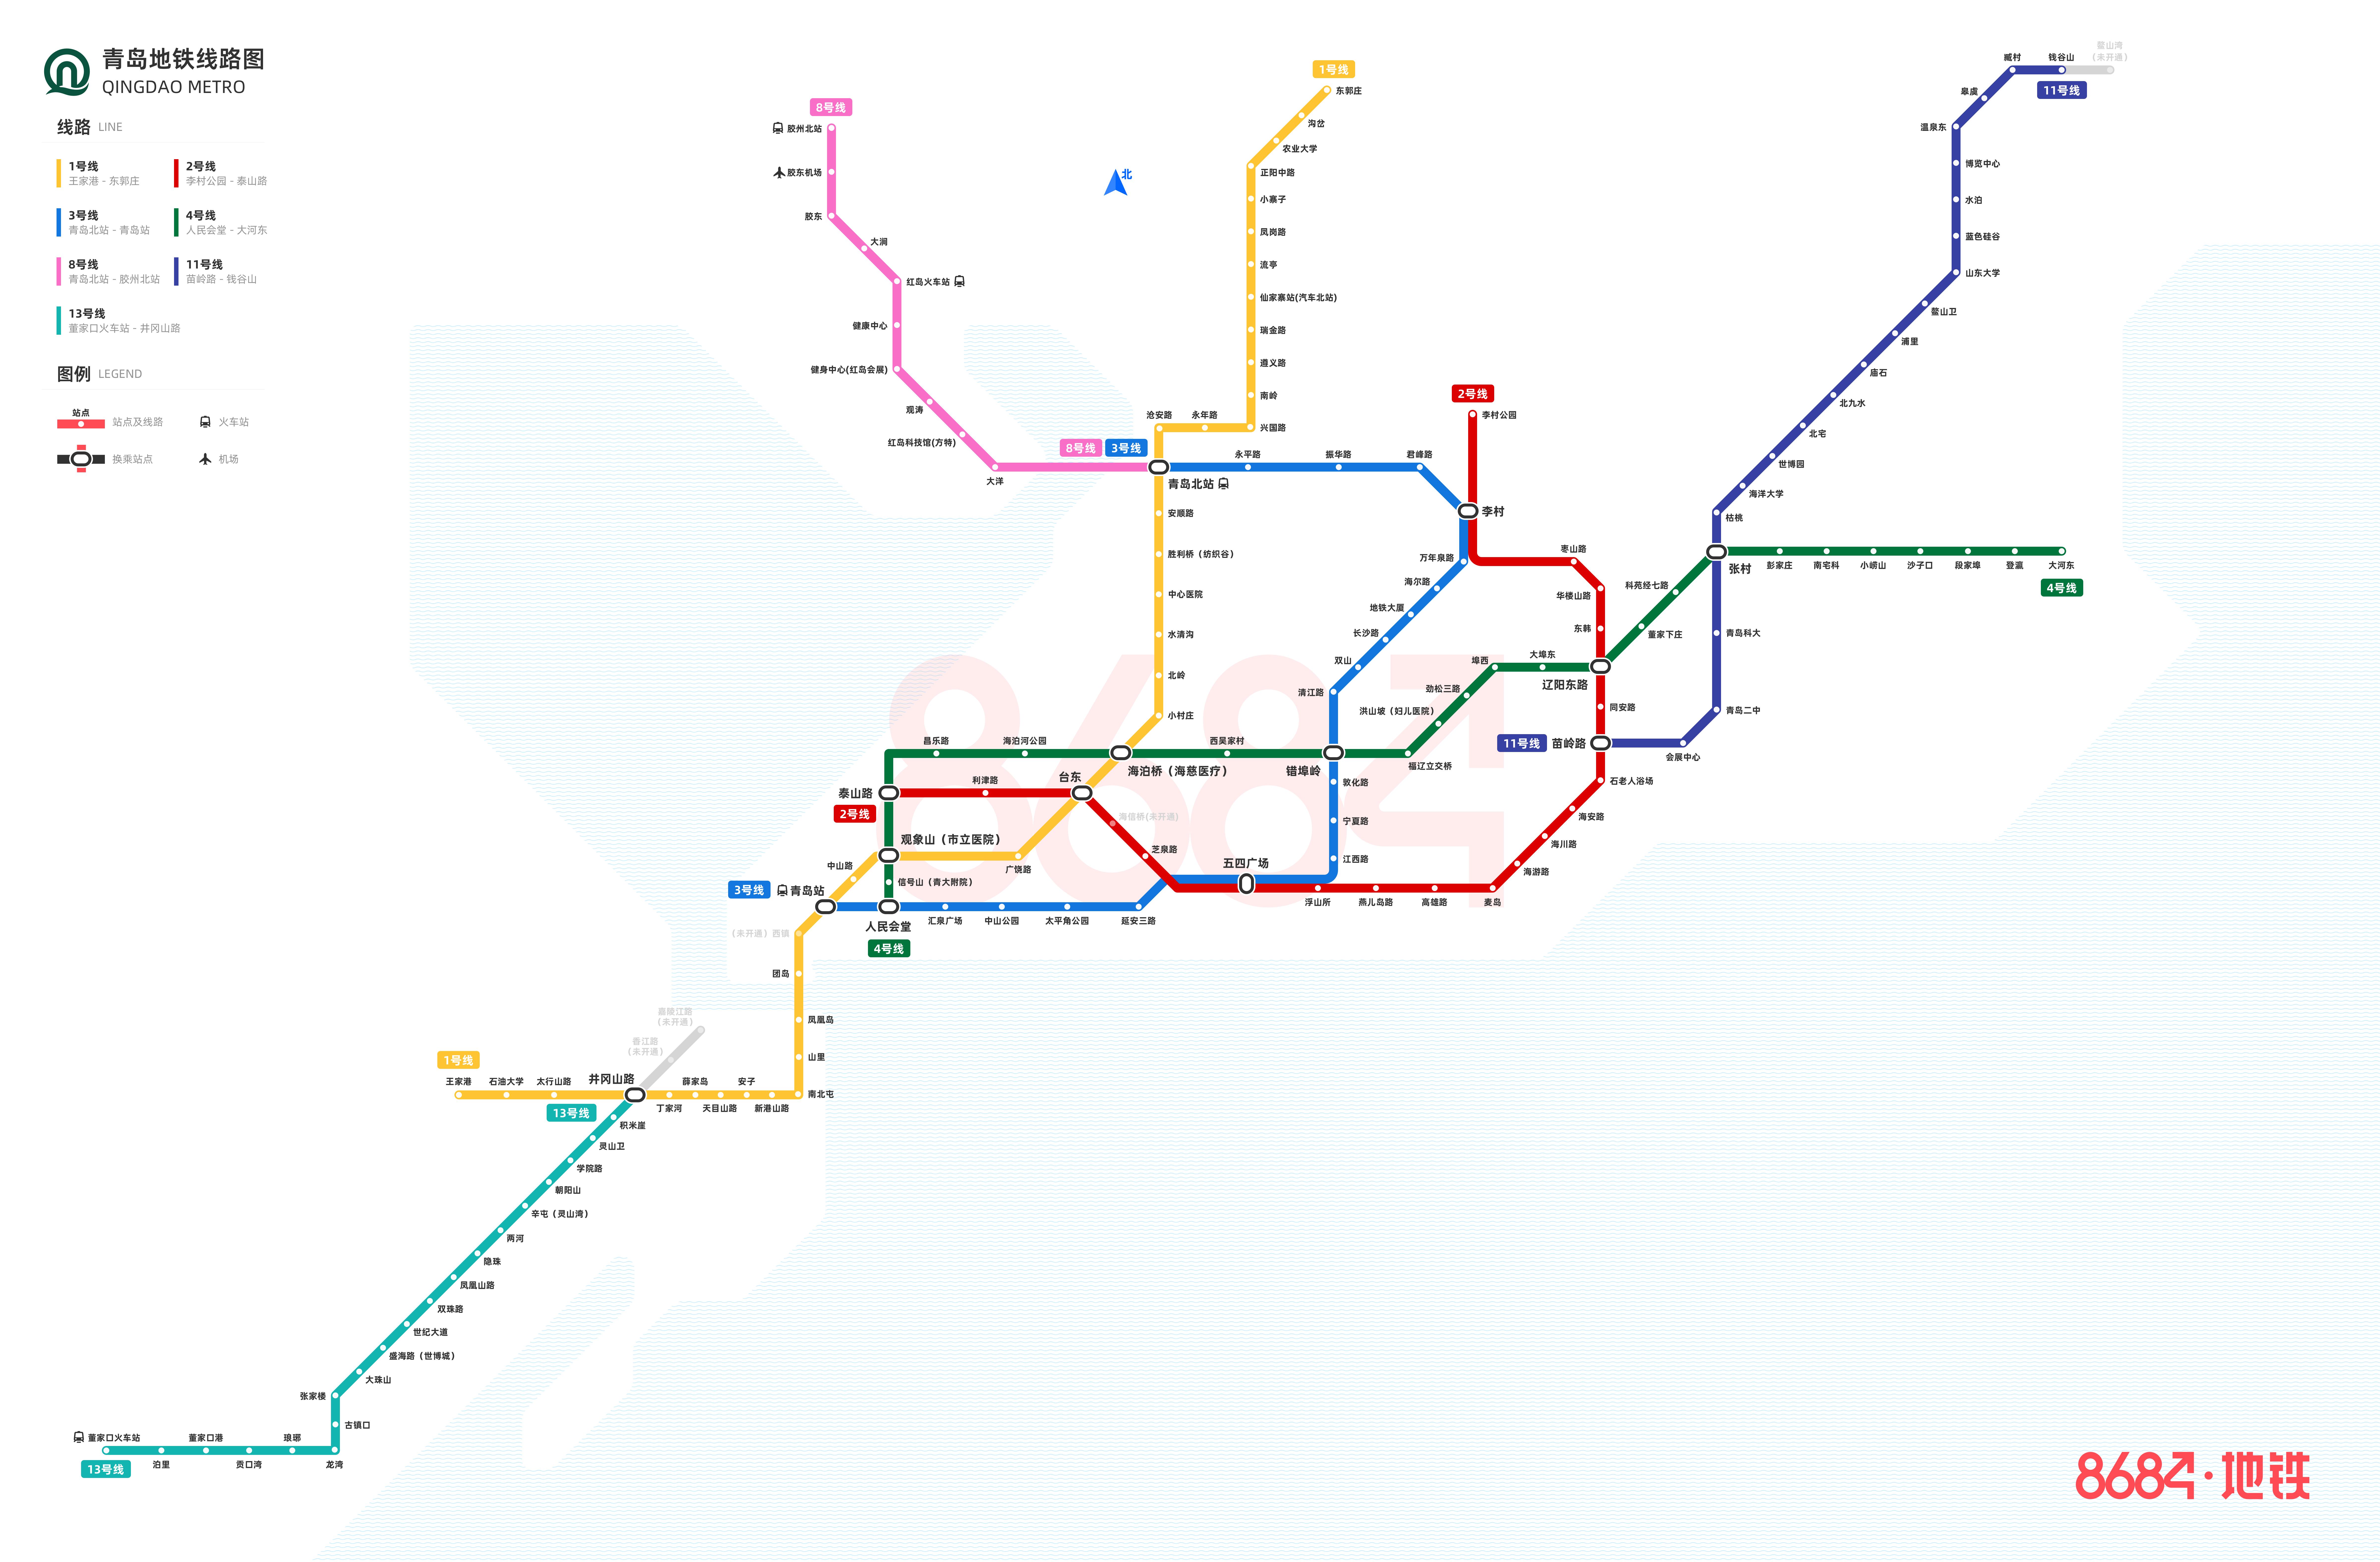 青岛地铁线路图